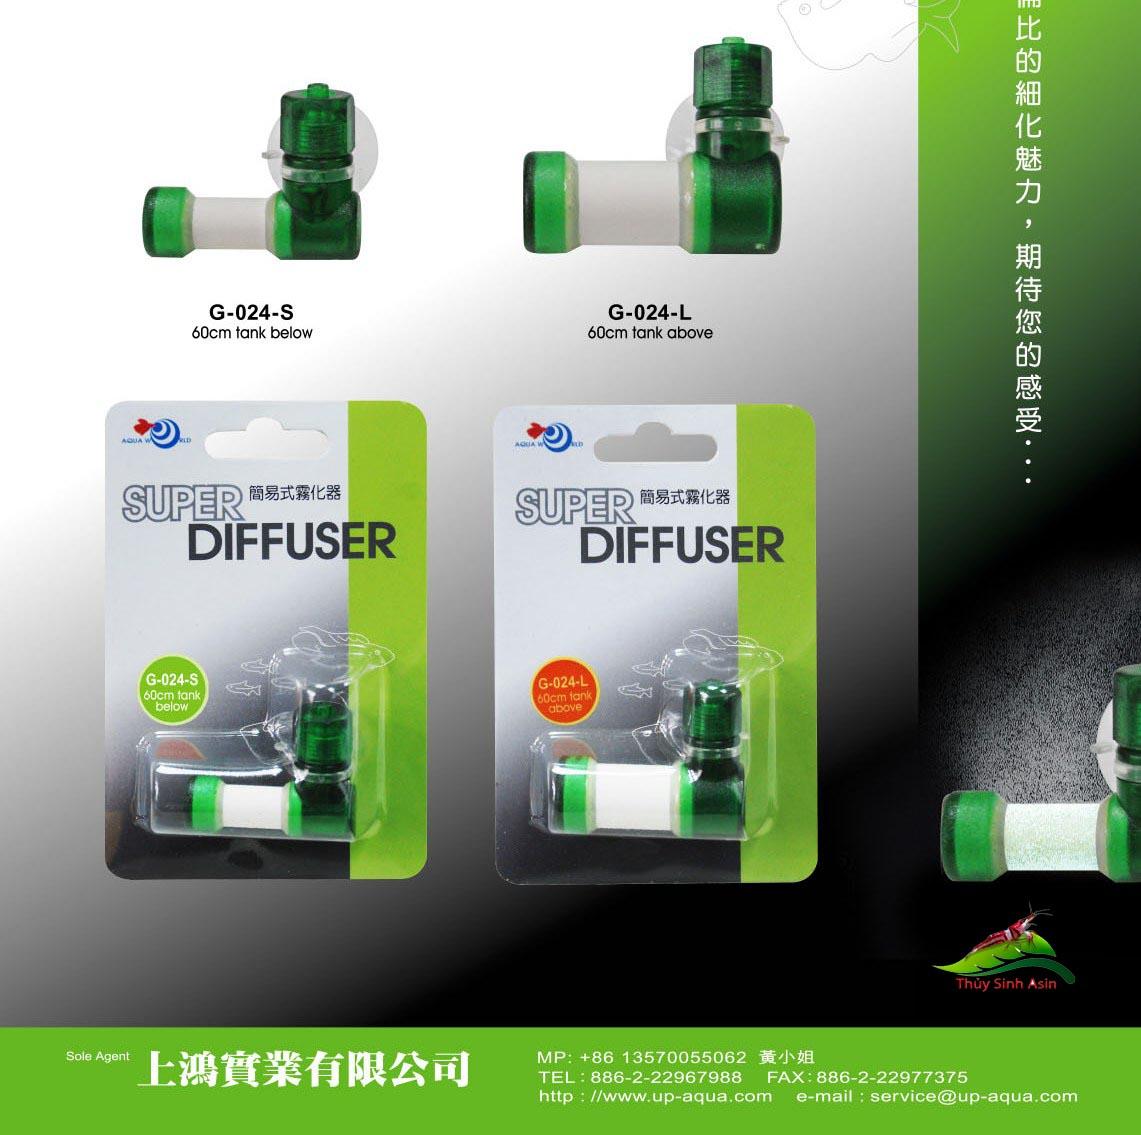 các phụ kiện CO2 Vinh Aqua có thể cung cấp cho bạn